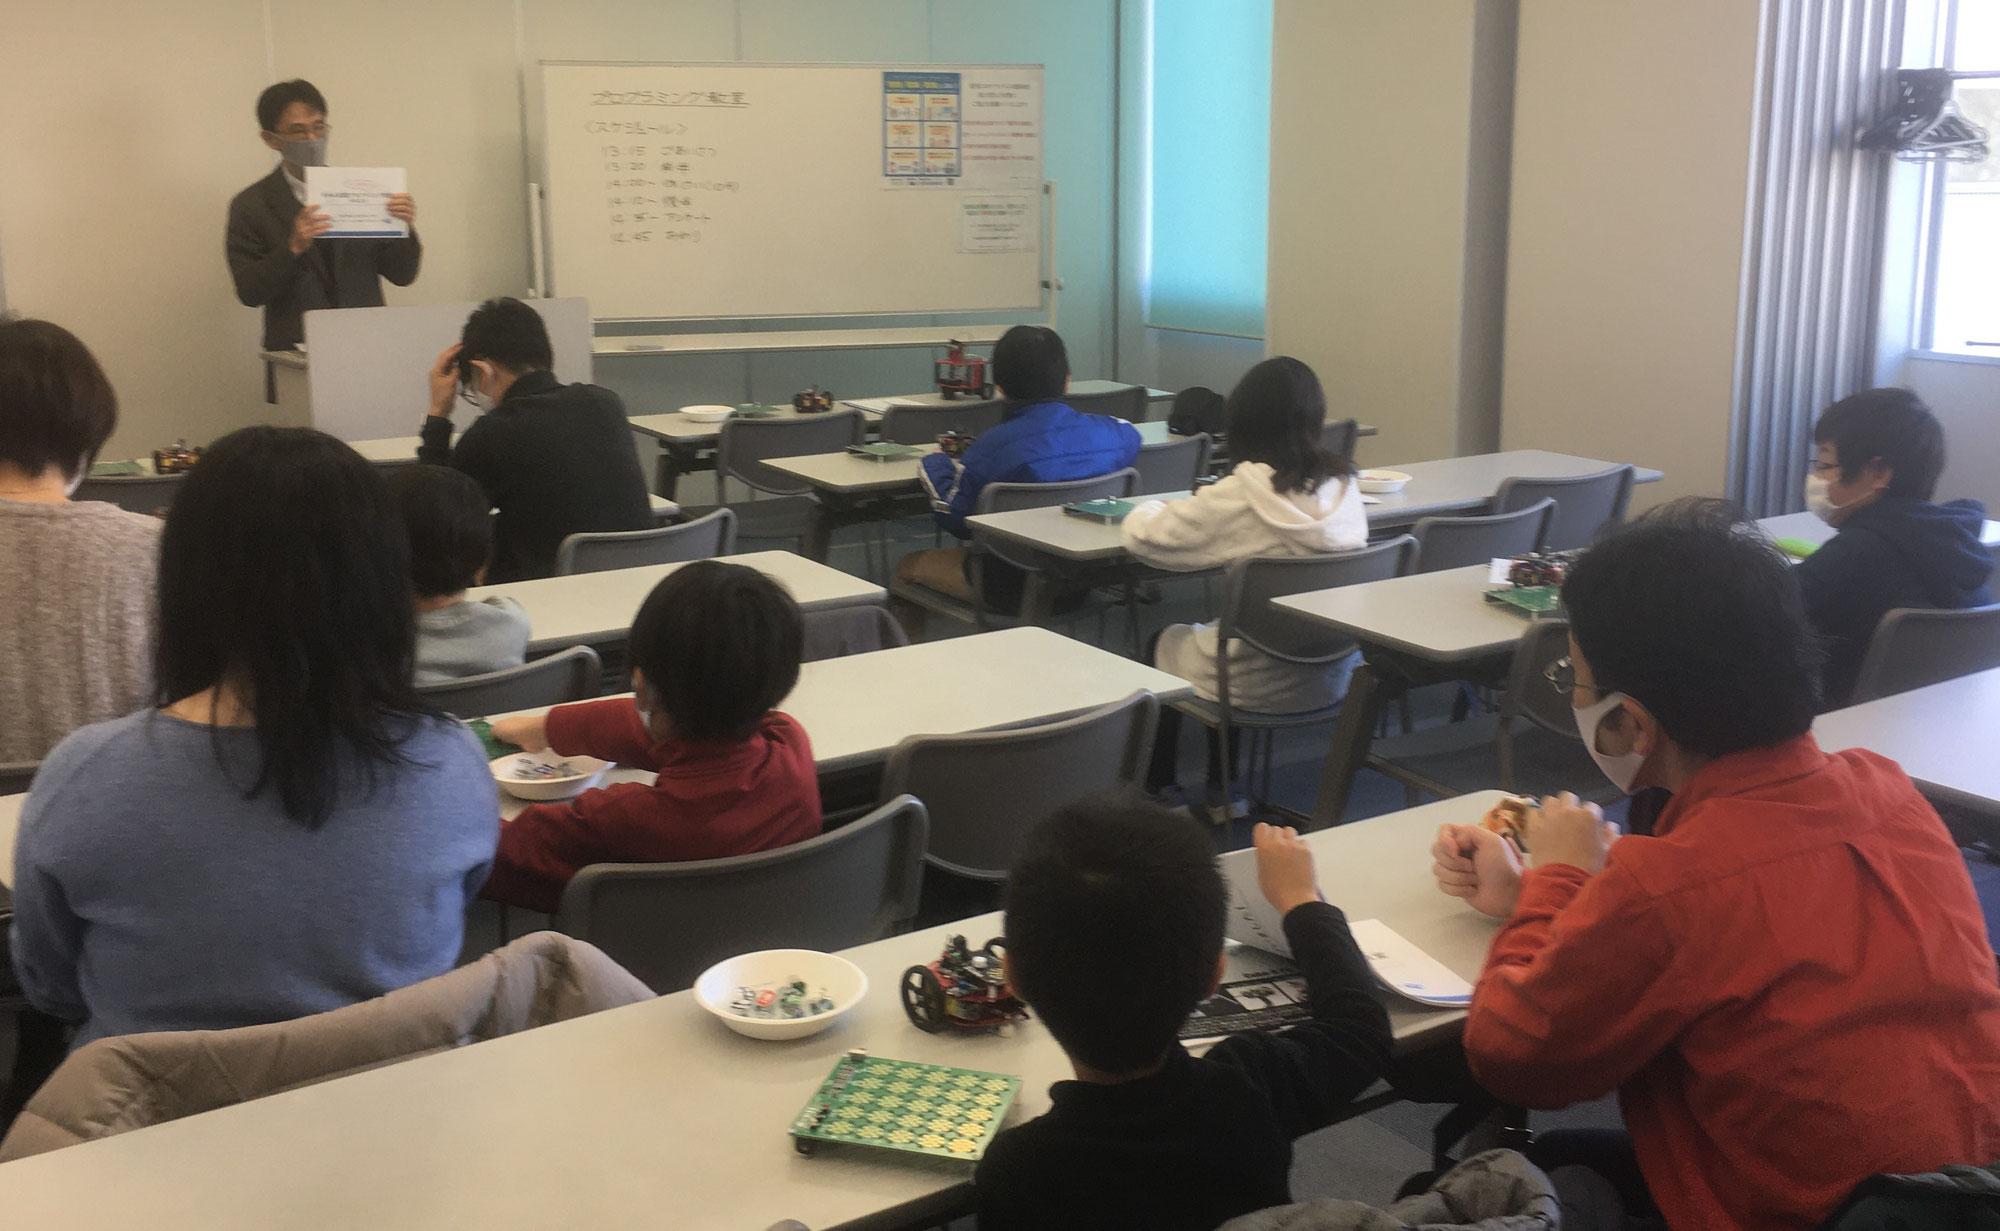 プログラミング教室を開催してみました!